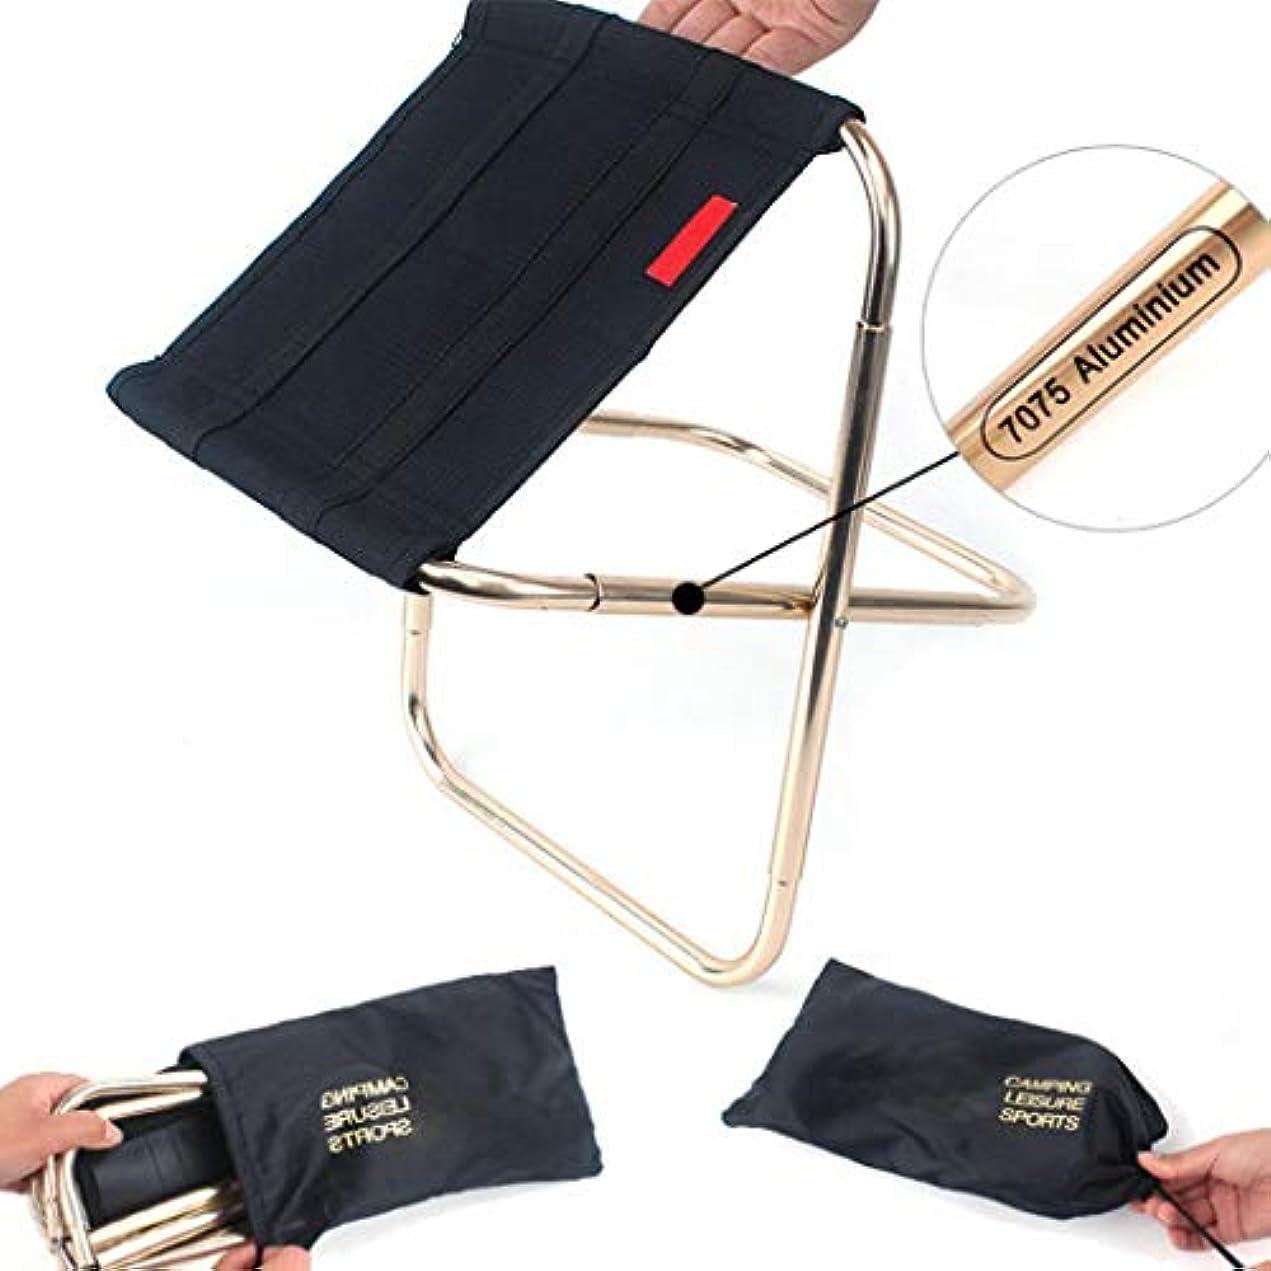 カートンスペクトラムサイズQueind アウトドア ミニ折り畳みチェア ポータブル アルミニウム ハイキング フィッシングチェア